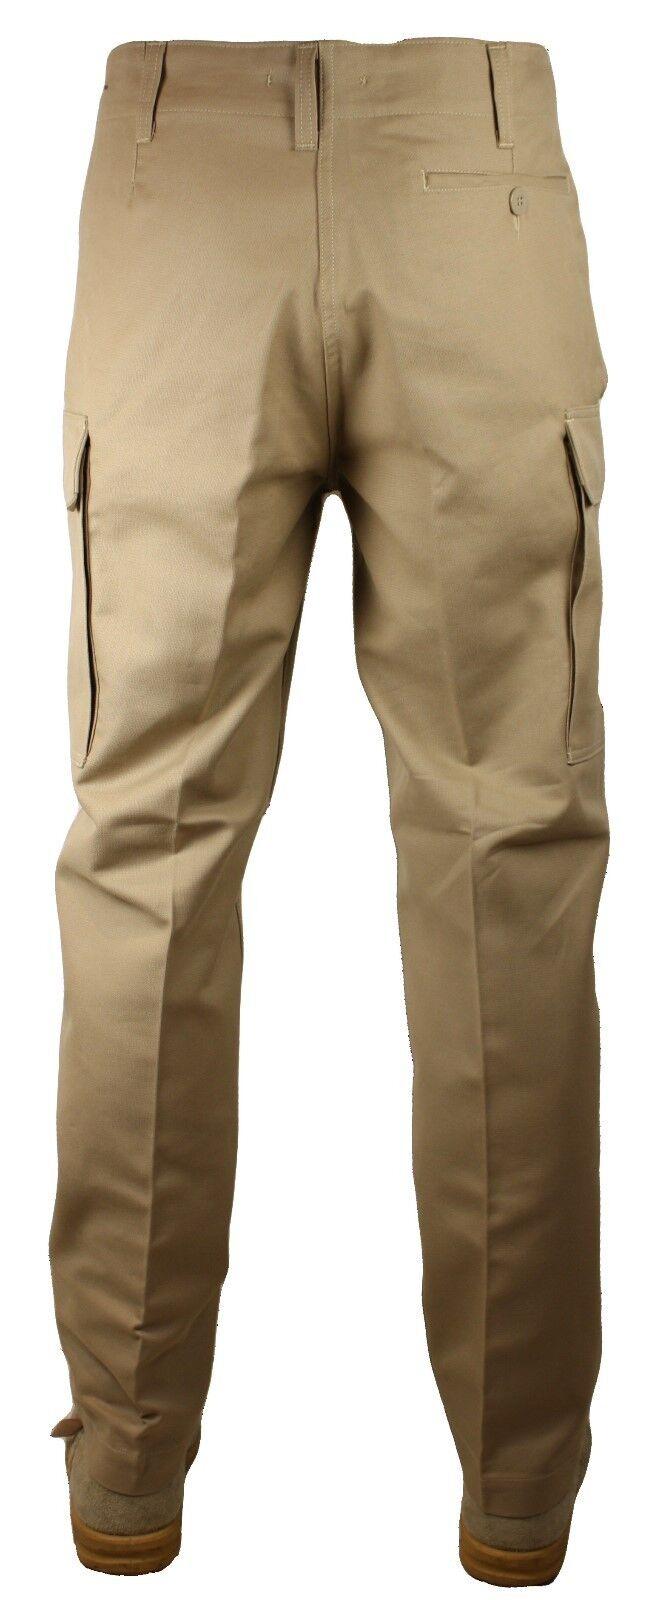 NUOVO Tan Esercito Esercito Esercito Tedesco Pelle di Talpa Pantaloni, Qualità Originale 638b73